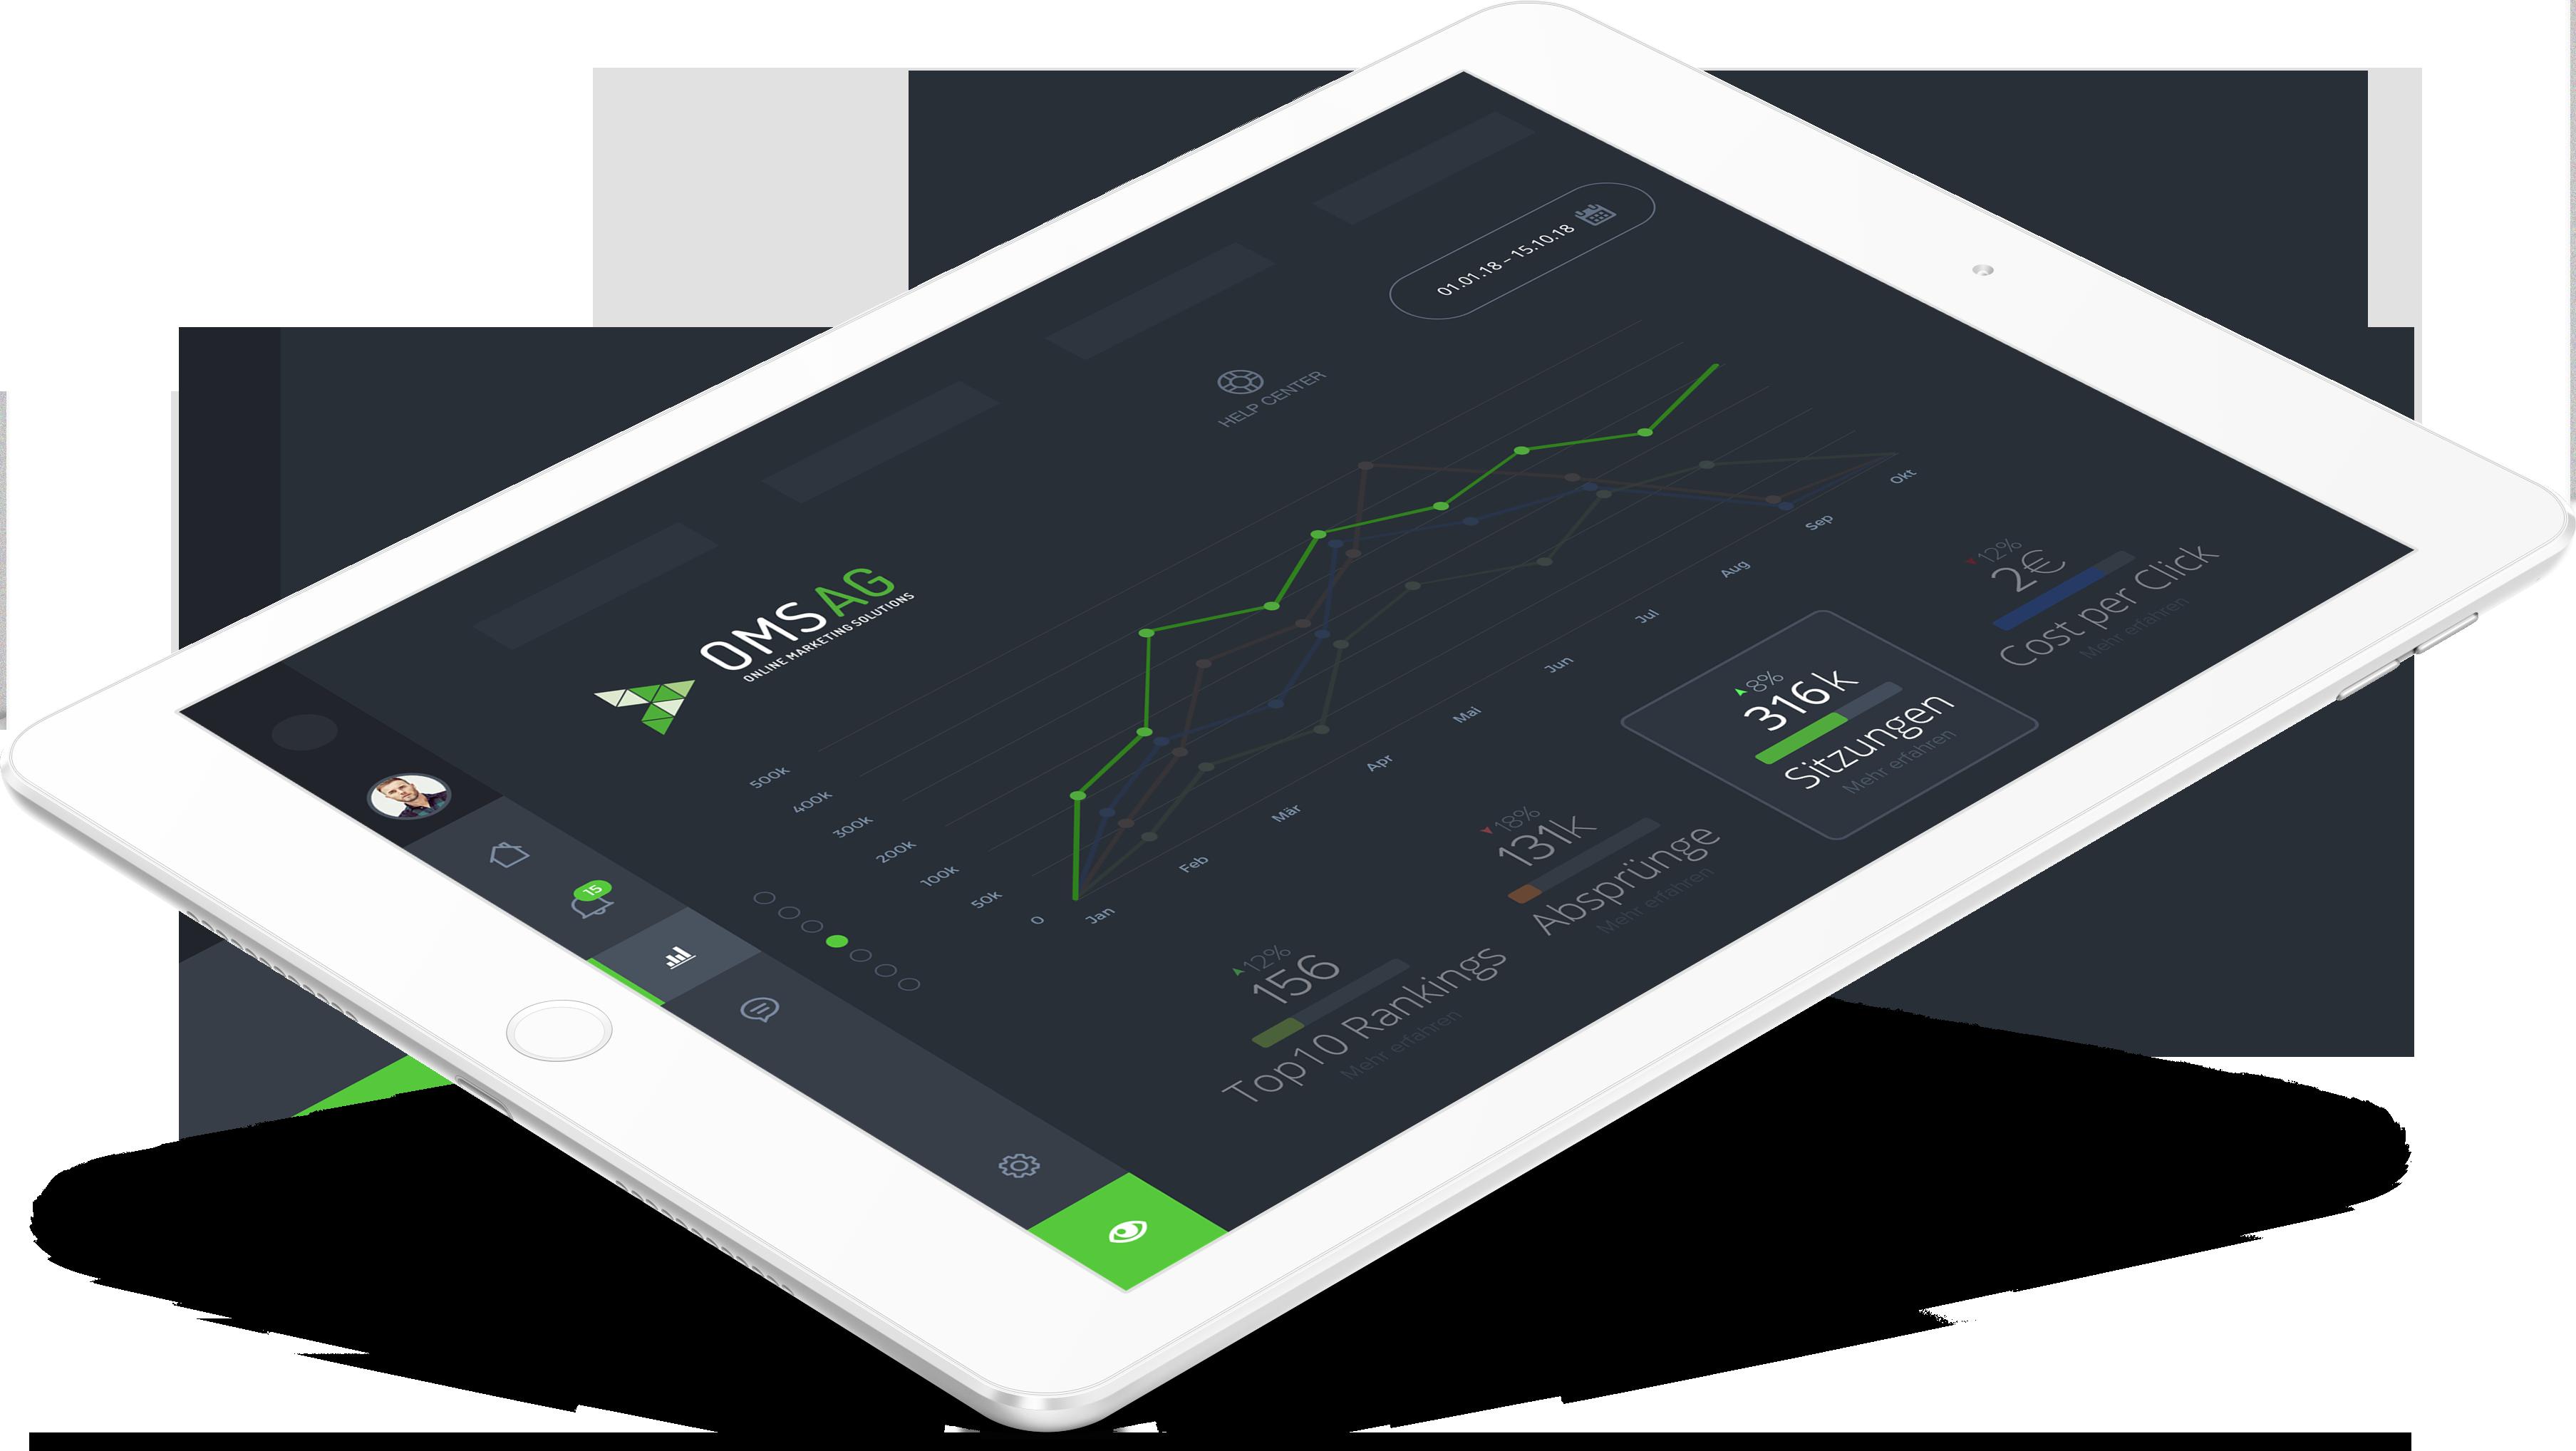 SEO Agentur OMSAG - Hero Shot Tablet SEO-Statistiken